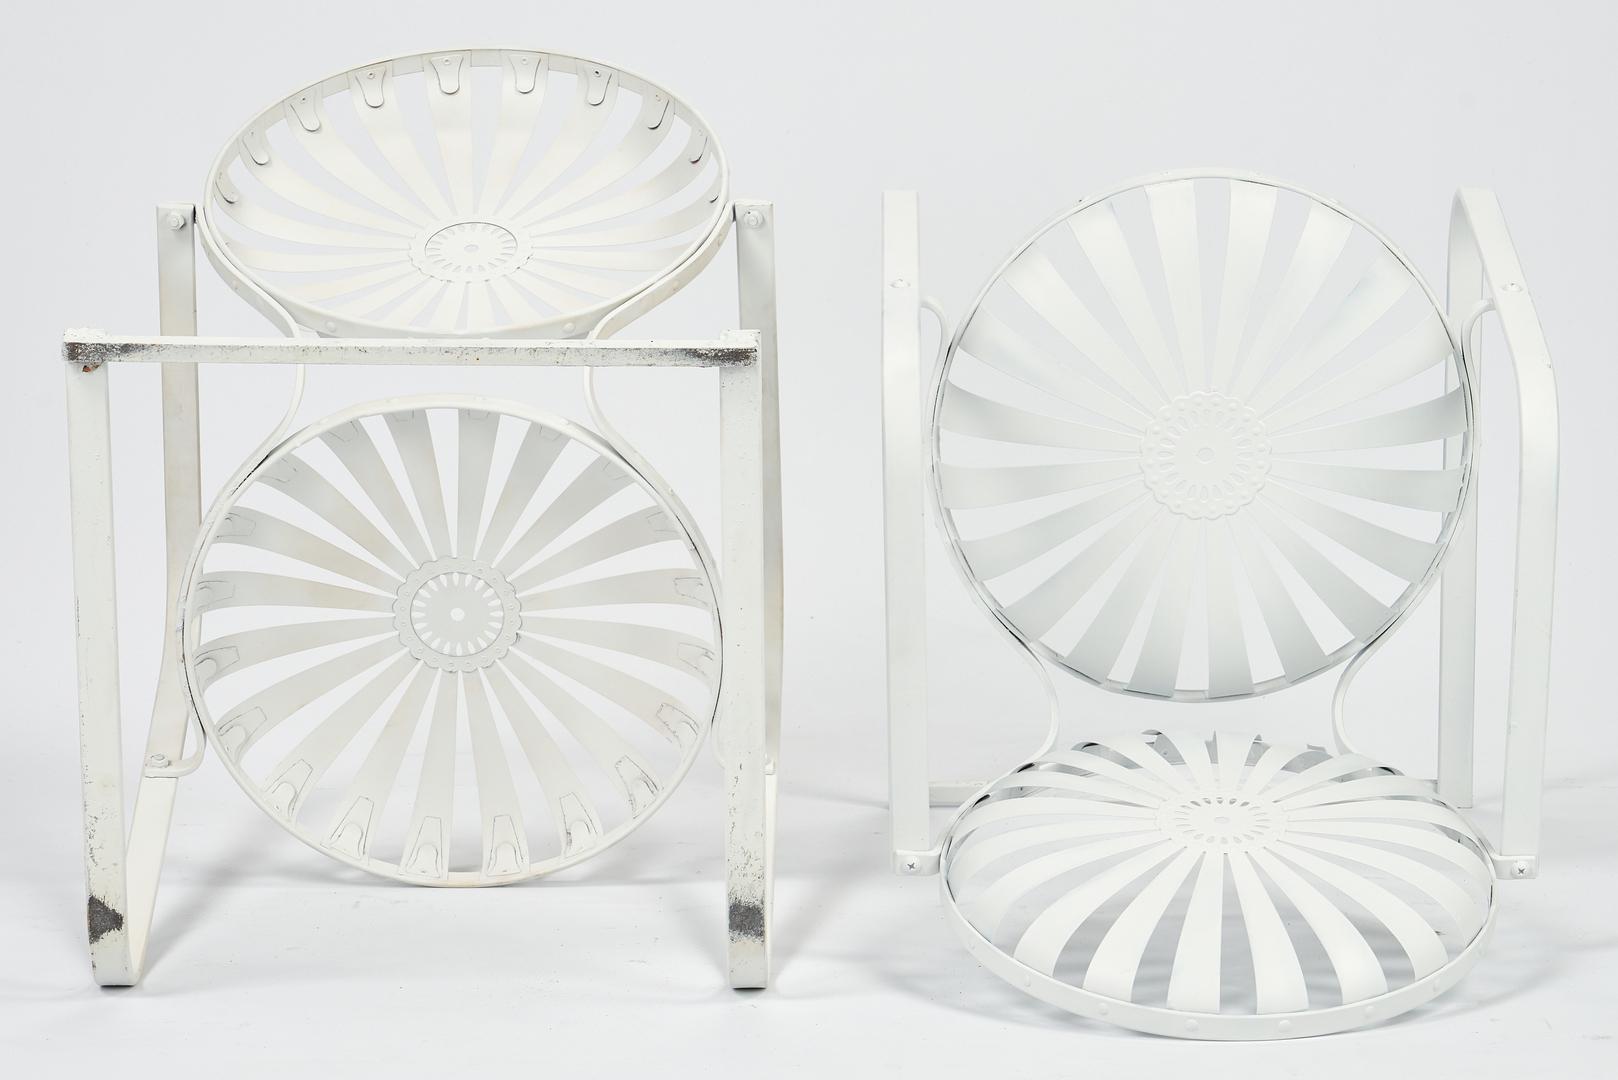 Lot 891: 4 Sunburst Patio Chairs, after Francois Carre